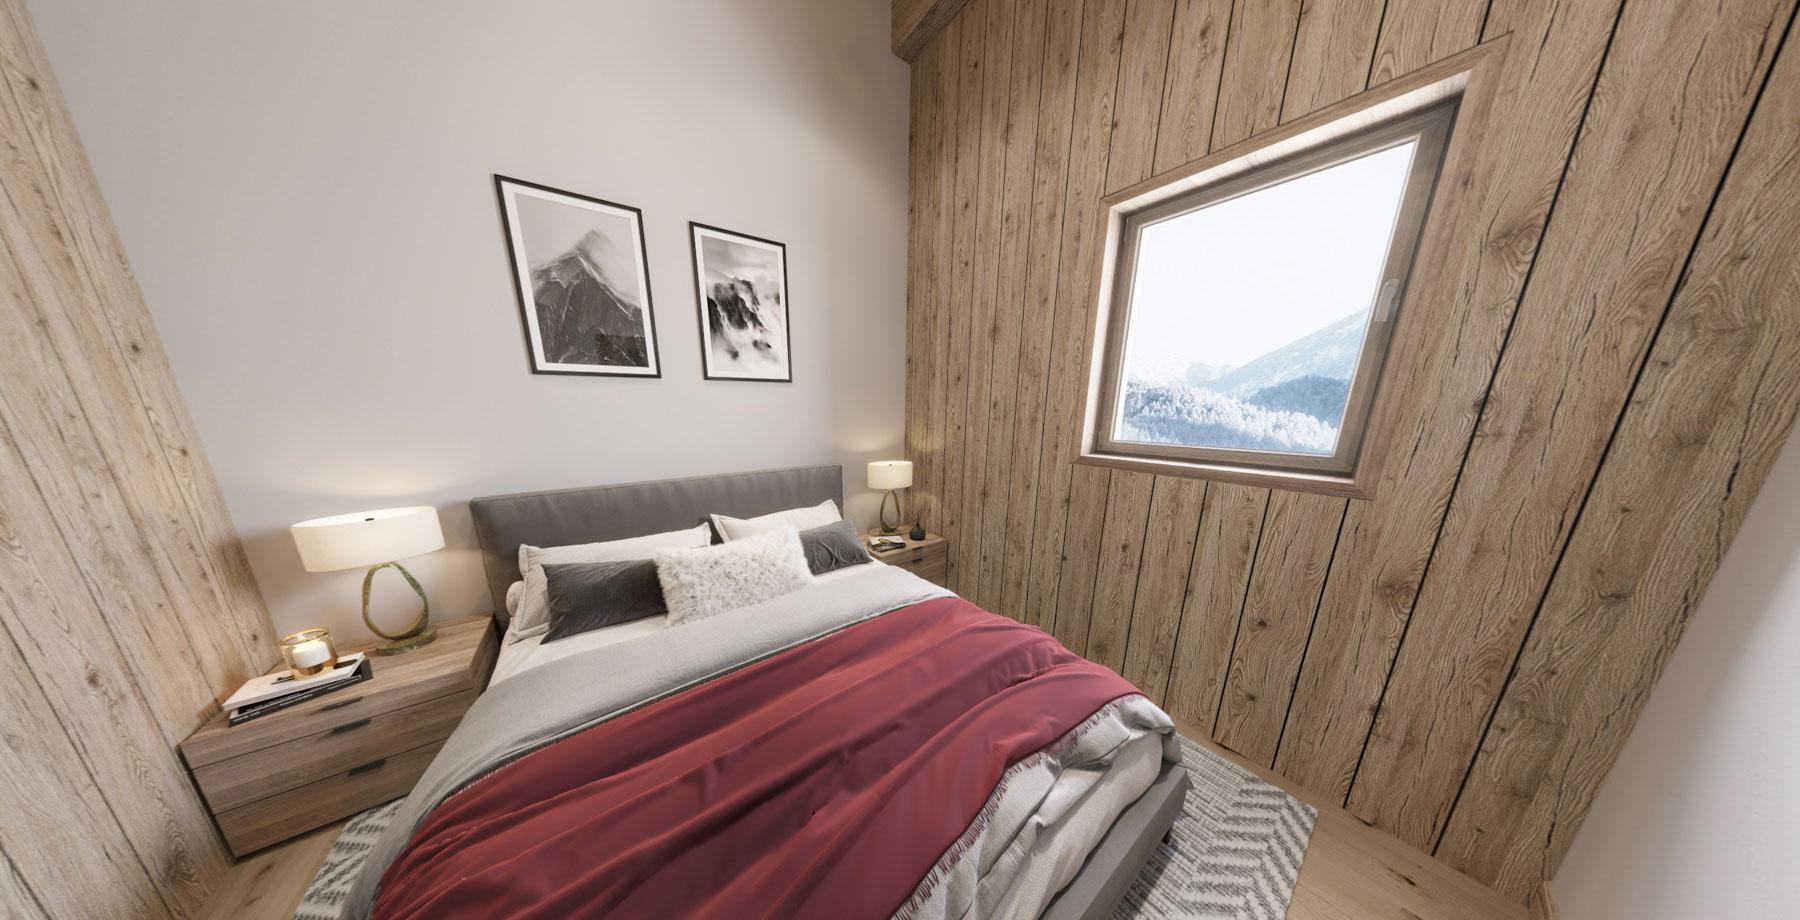 Gite Blanc Example Bedroom